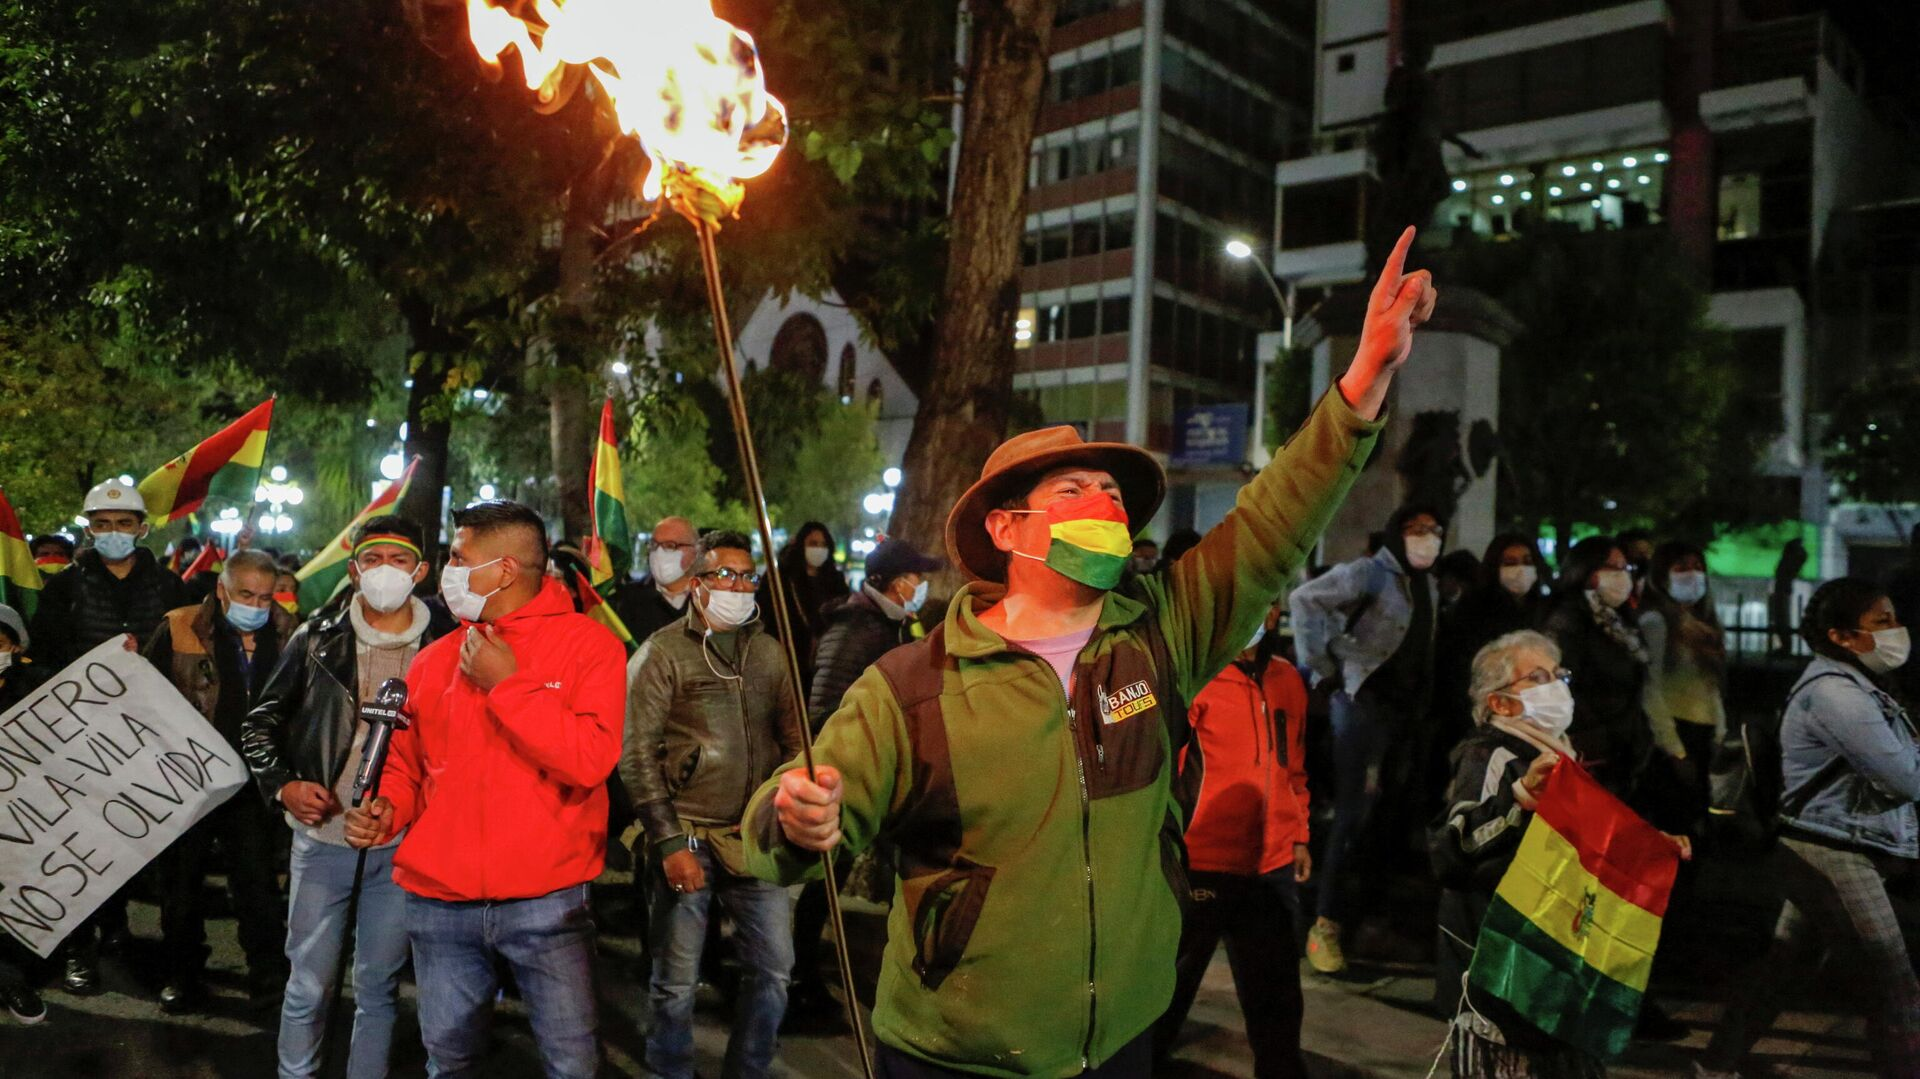 Protestas en Bolivia contra el presidente Luis Arce - Sputnik Mundo, 1920, 16.03.2021